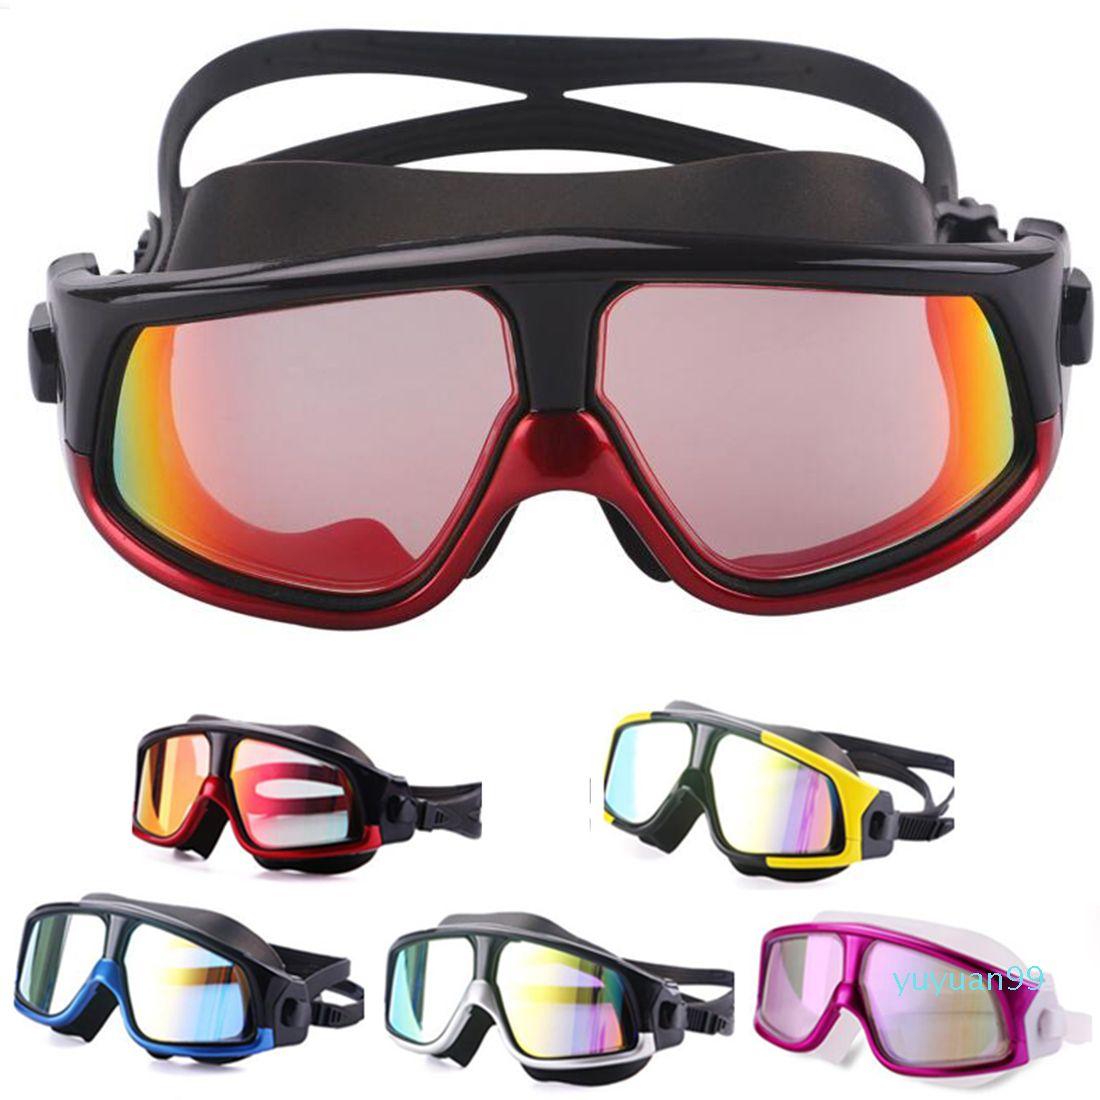 Luxus- Wassersport Bequeme Silikon mit großem Rahmen Schwimmen Brille Schwimmbrille Anti-Fog UV Männer Frauen Schwimmen Maske Wasserdicht